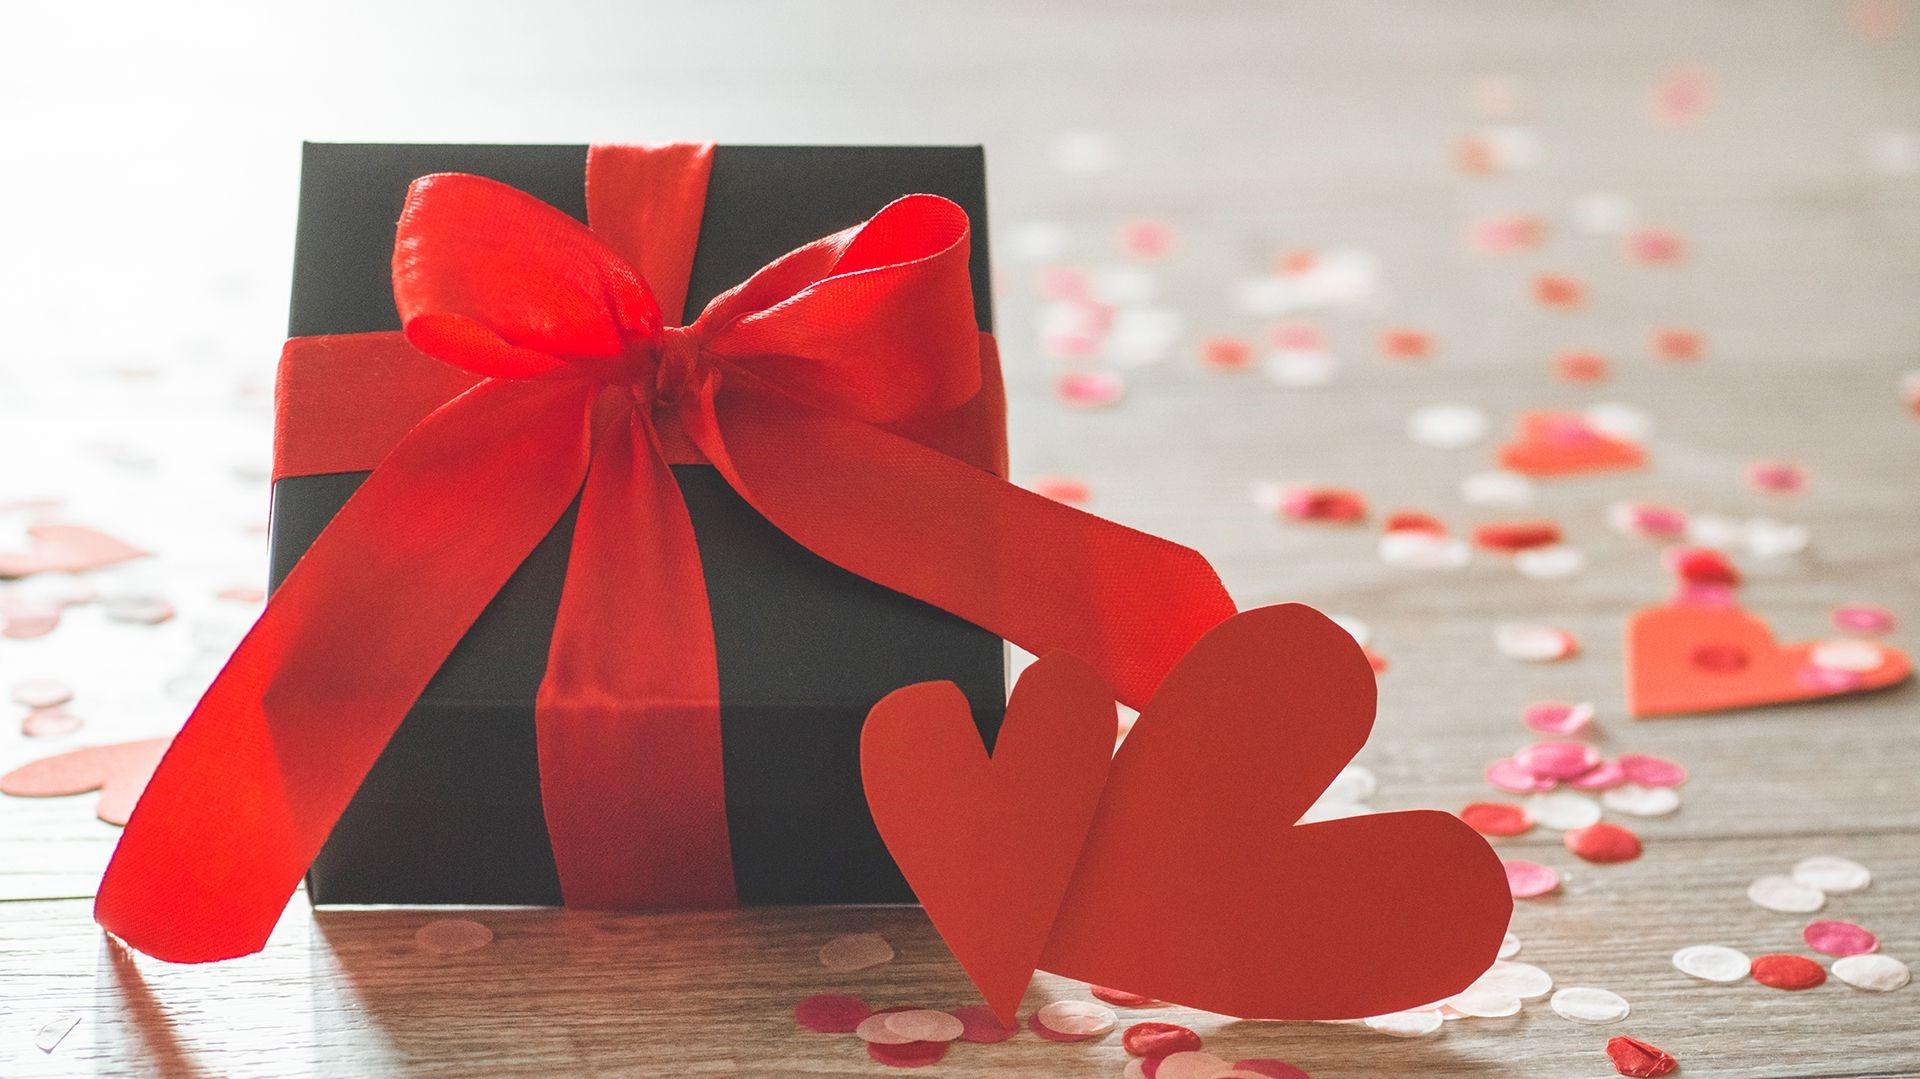 Boîte cadeau pour la Saint-Valentin.